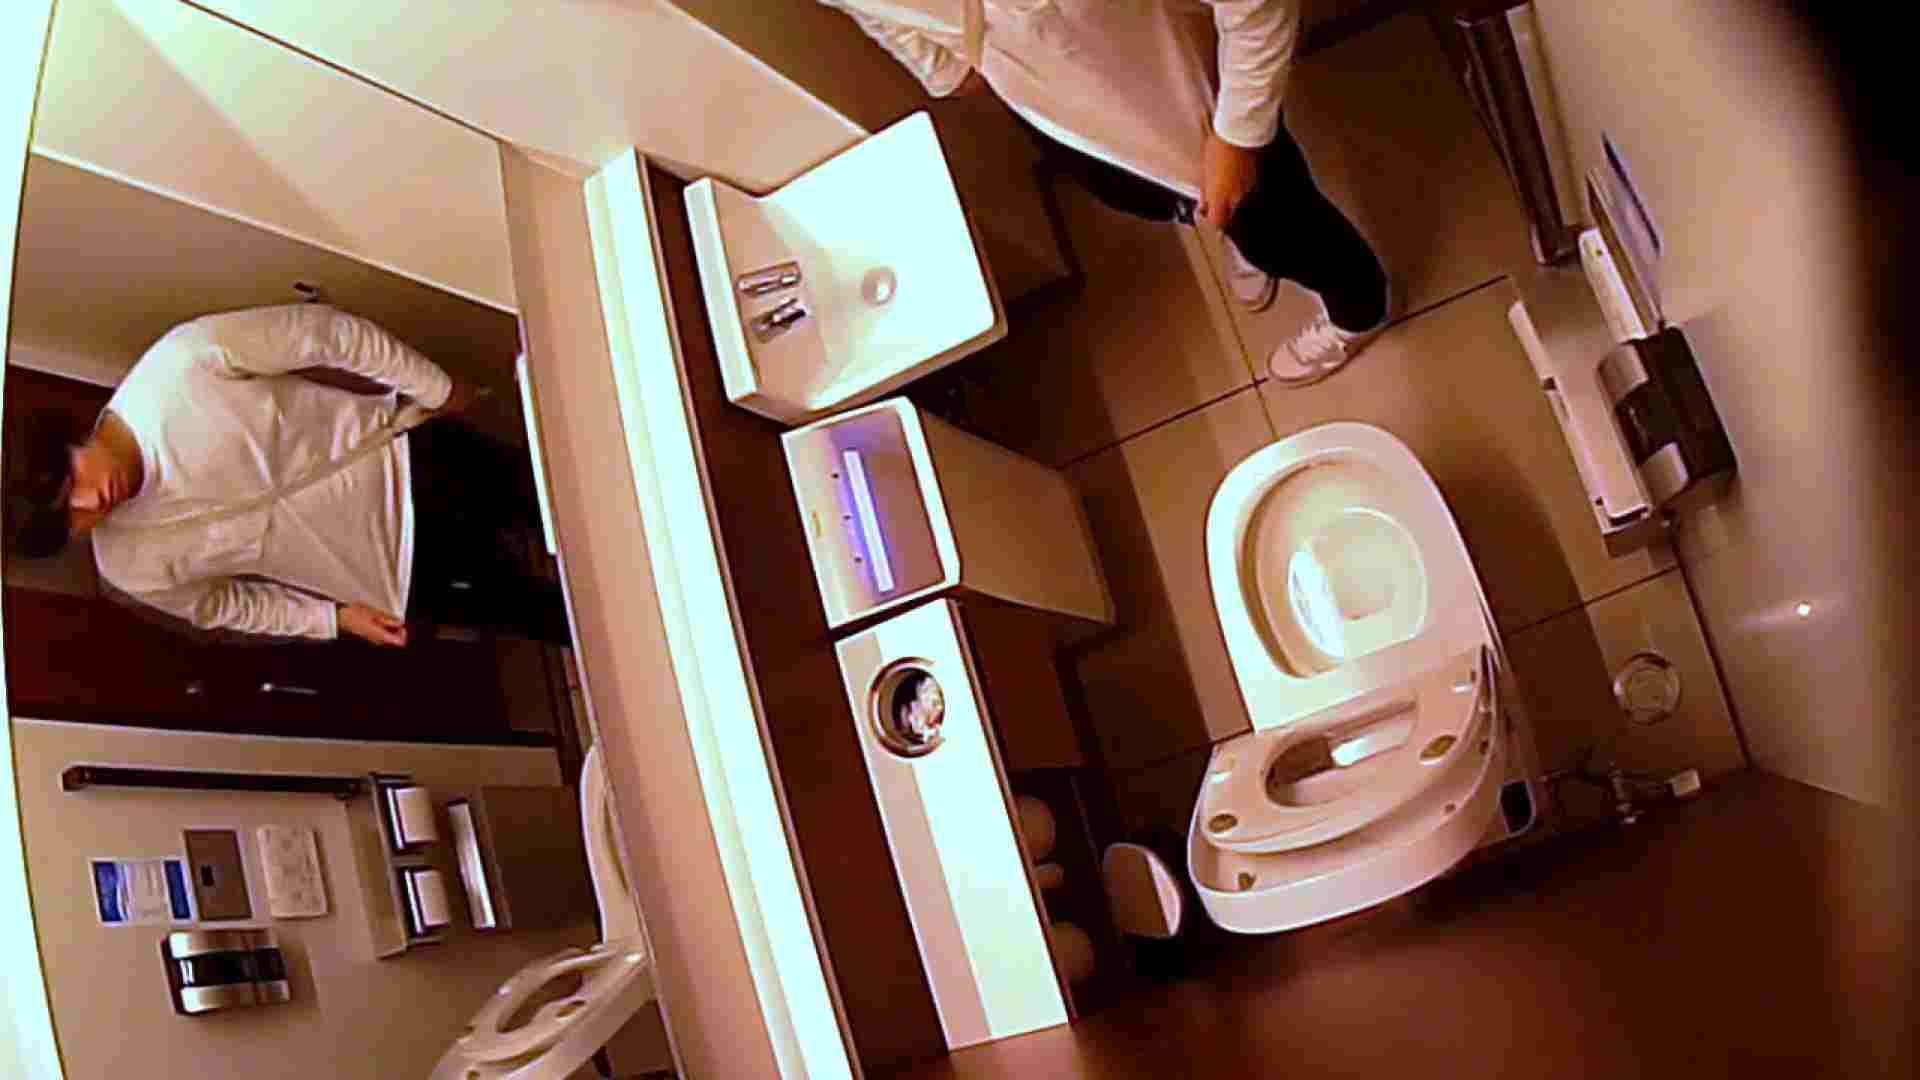 すみませんが覗かせてください Vol.32 トイレ | 0  102pic 14